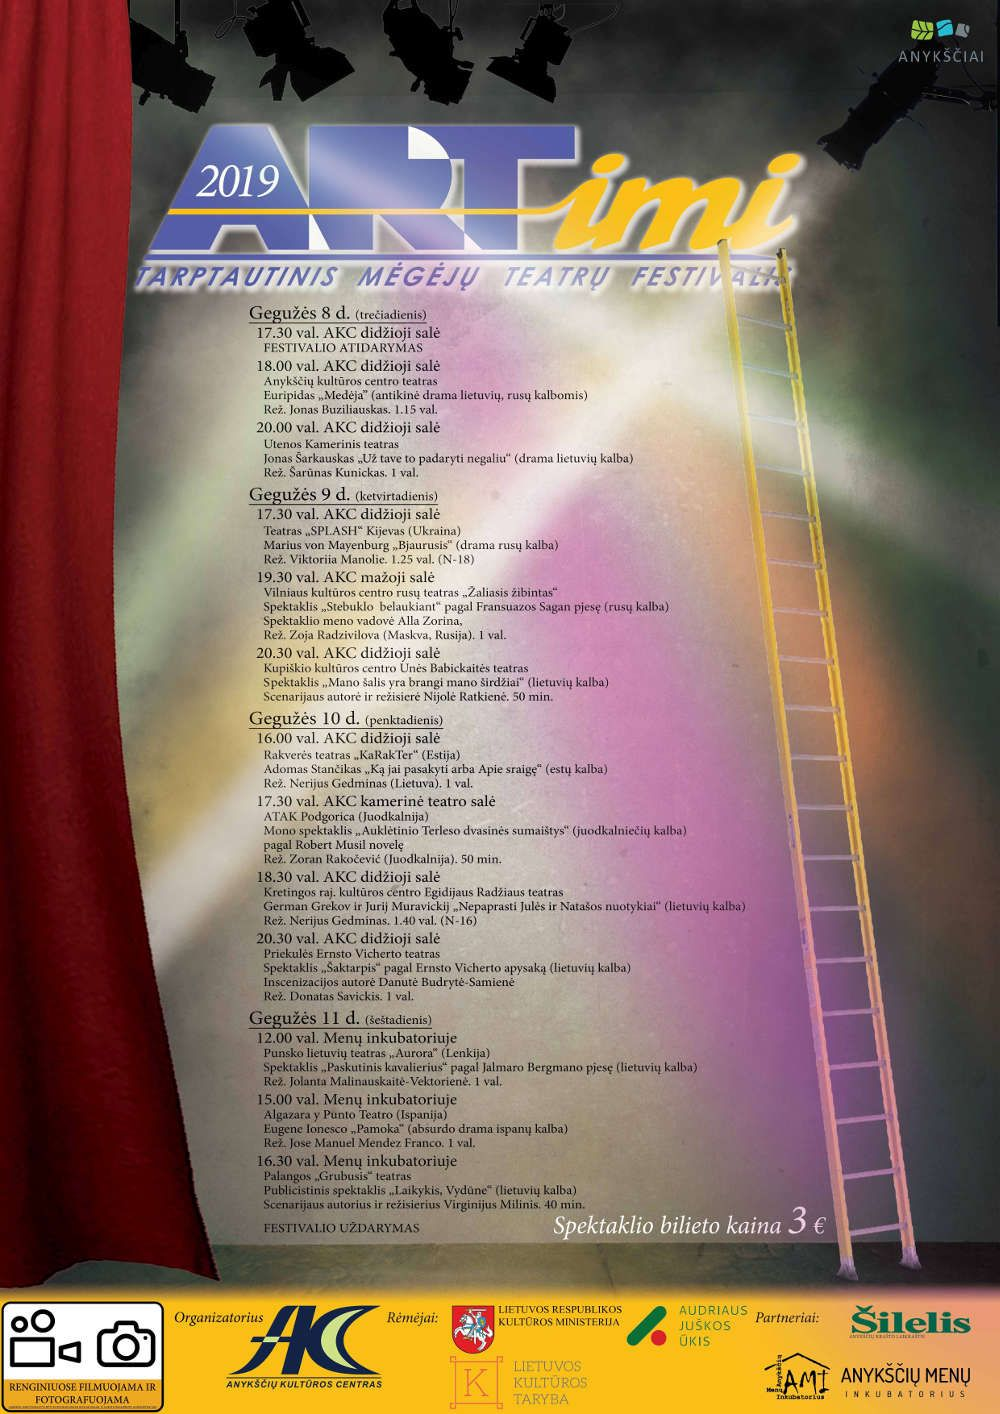 """Tarptautinis mėgėjų teatrų festivalis """"ARTimi"""" (2019) / FESTIVALIO ATIDARYMAS"""